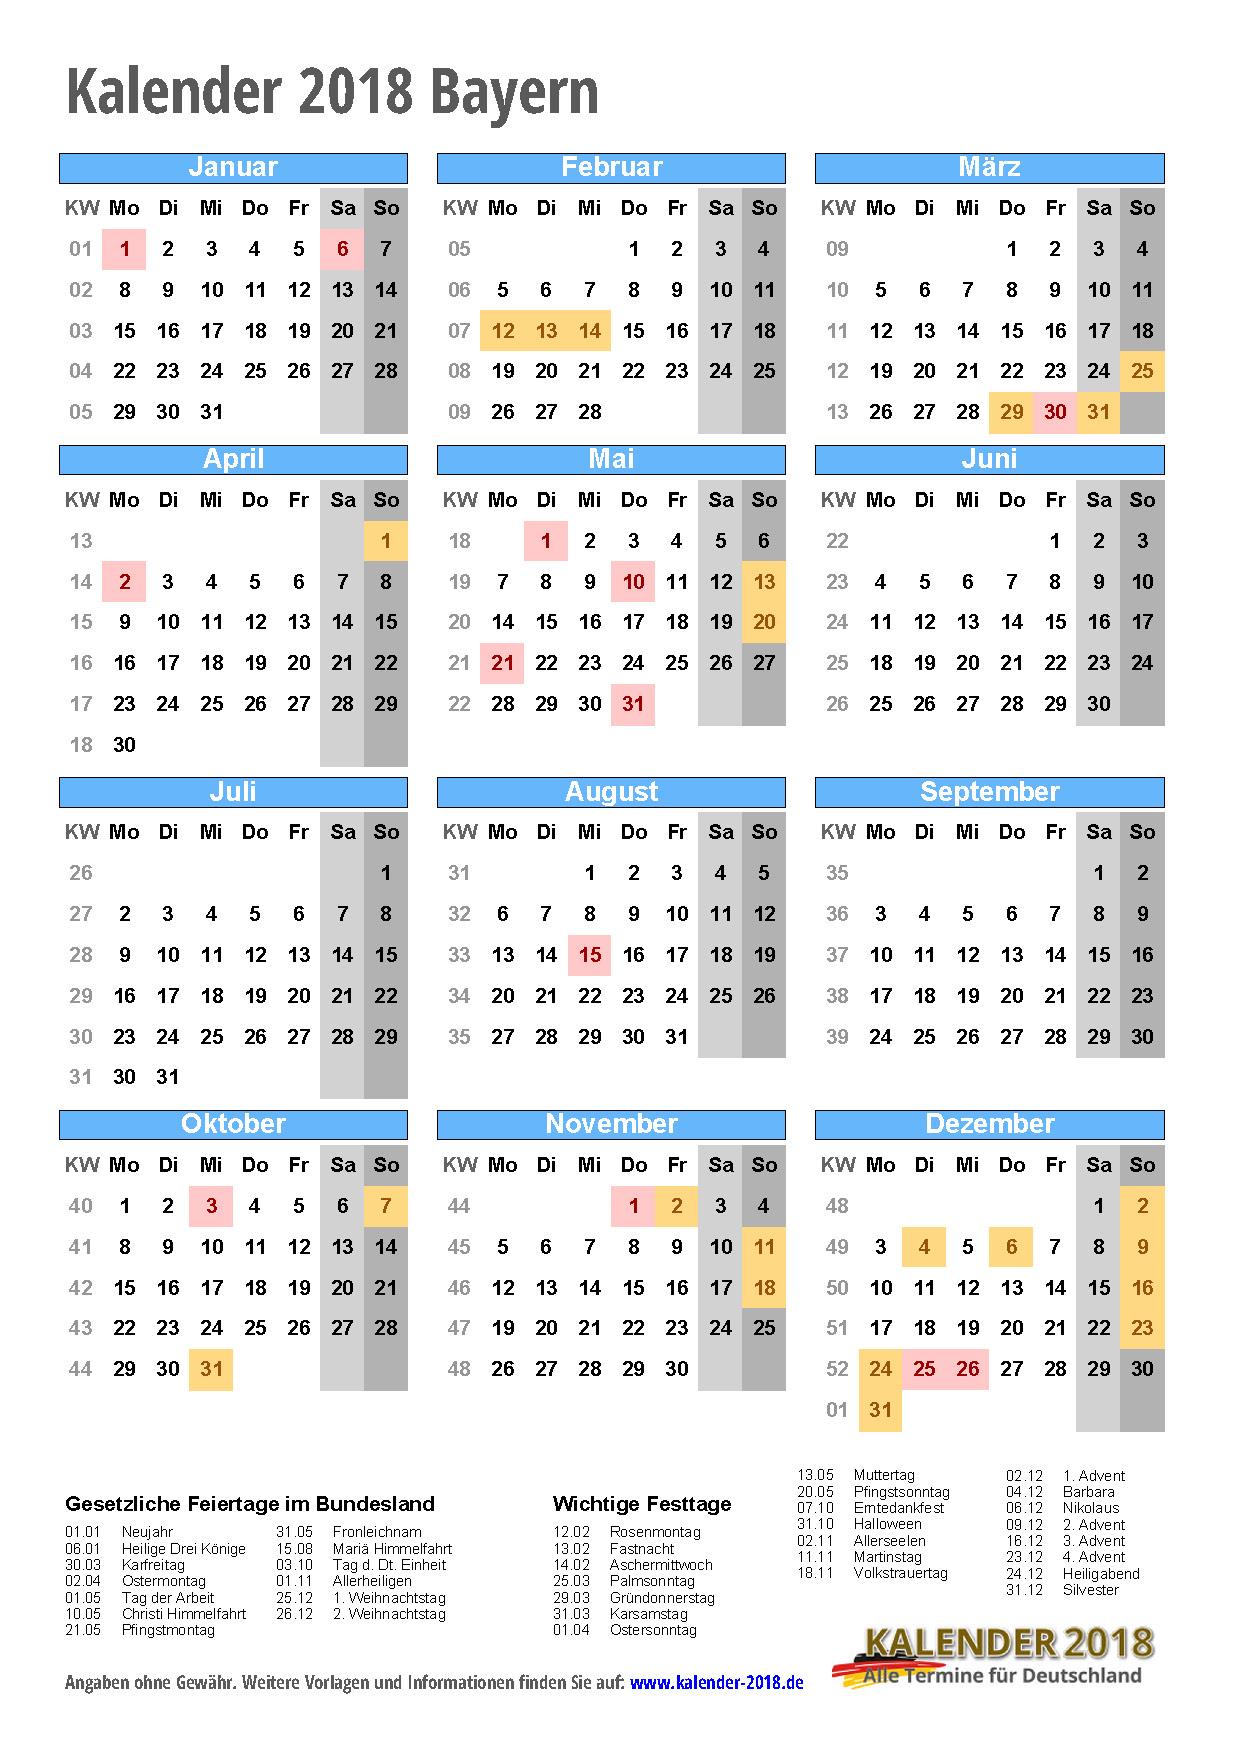 kalender 2018 bayern zum ausdrucken kalender 2018. Black Bedroom Furniture Sets. Home Design Ideas